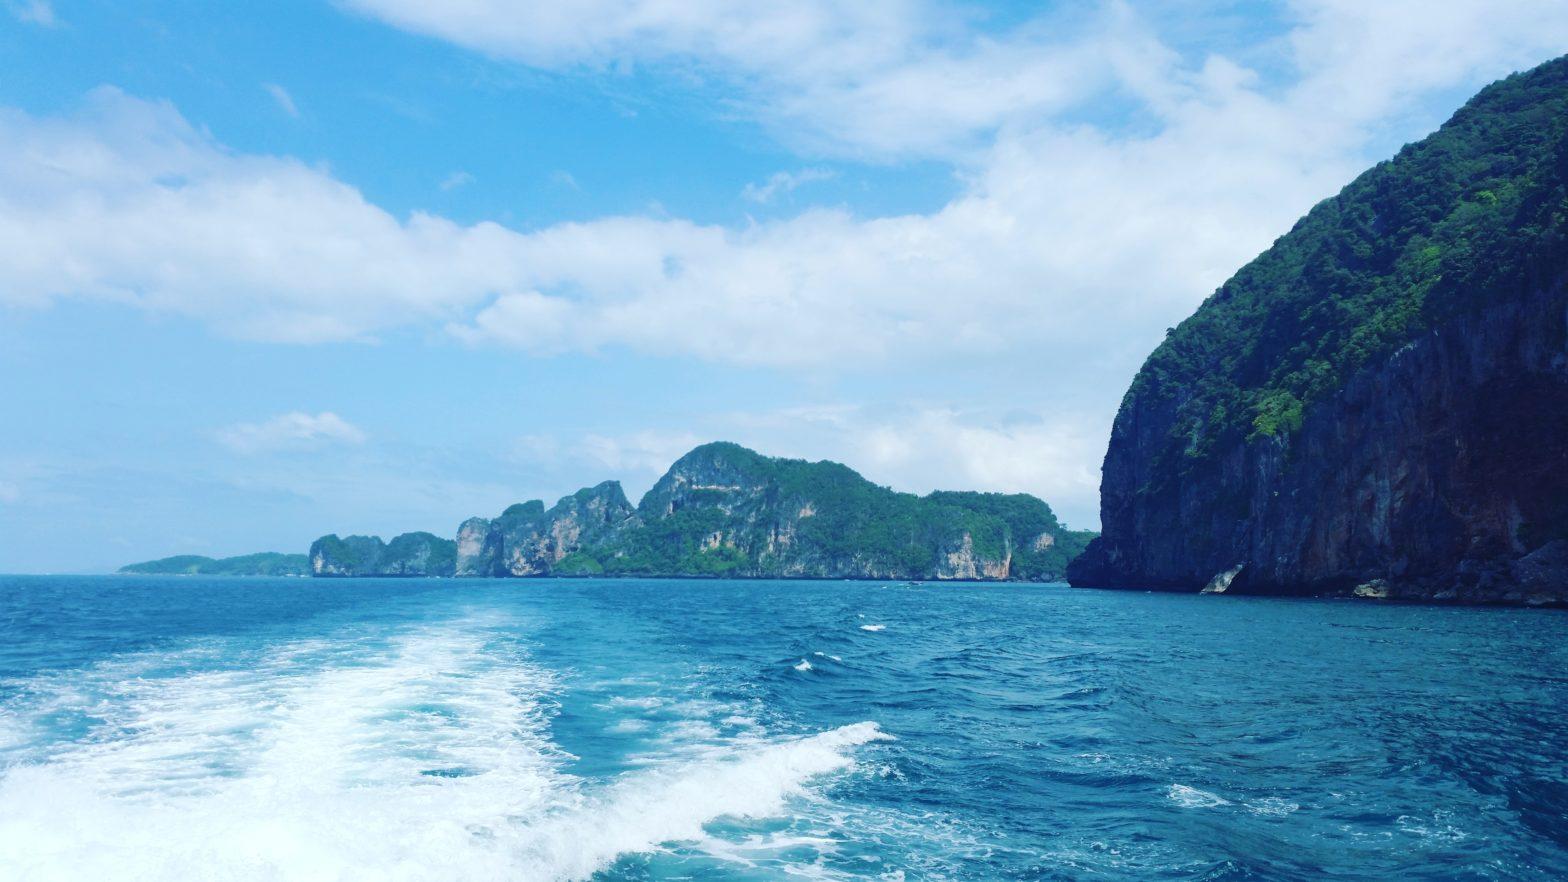 Încă o poveste din Thailanda! Monkey Beach, Maya Bay, Phi Phi Island. 1